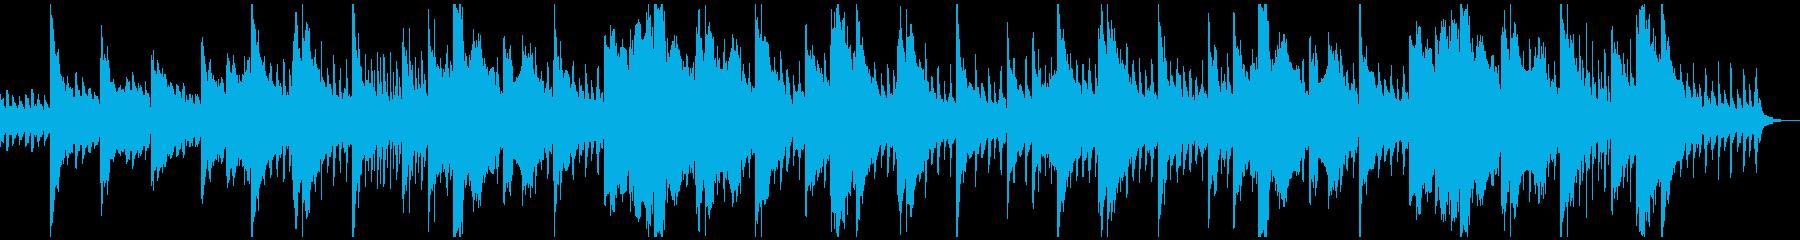 pfとストリングス ・サスペンス・回想の再生済みの波形